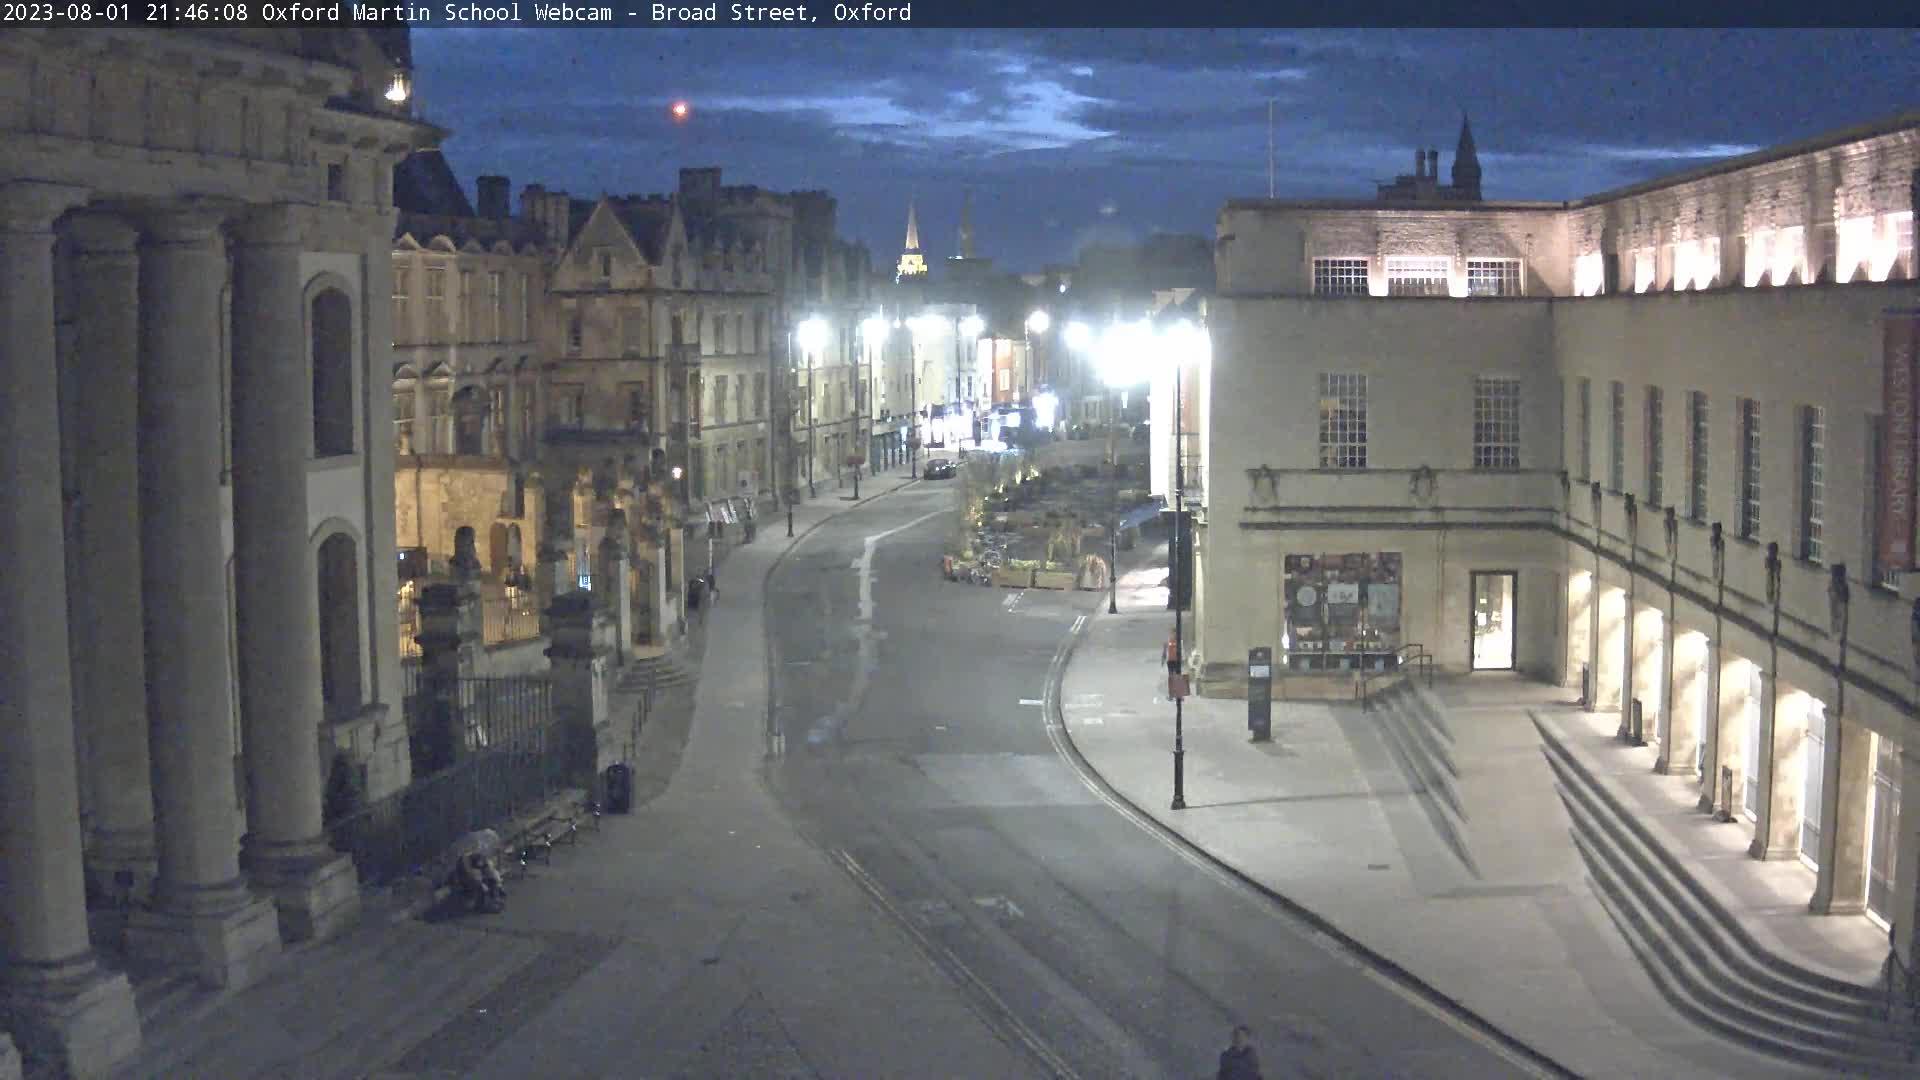 Oxford Sun. 21:46